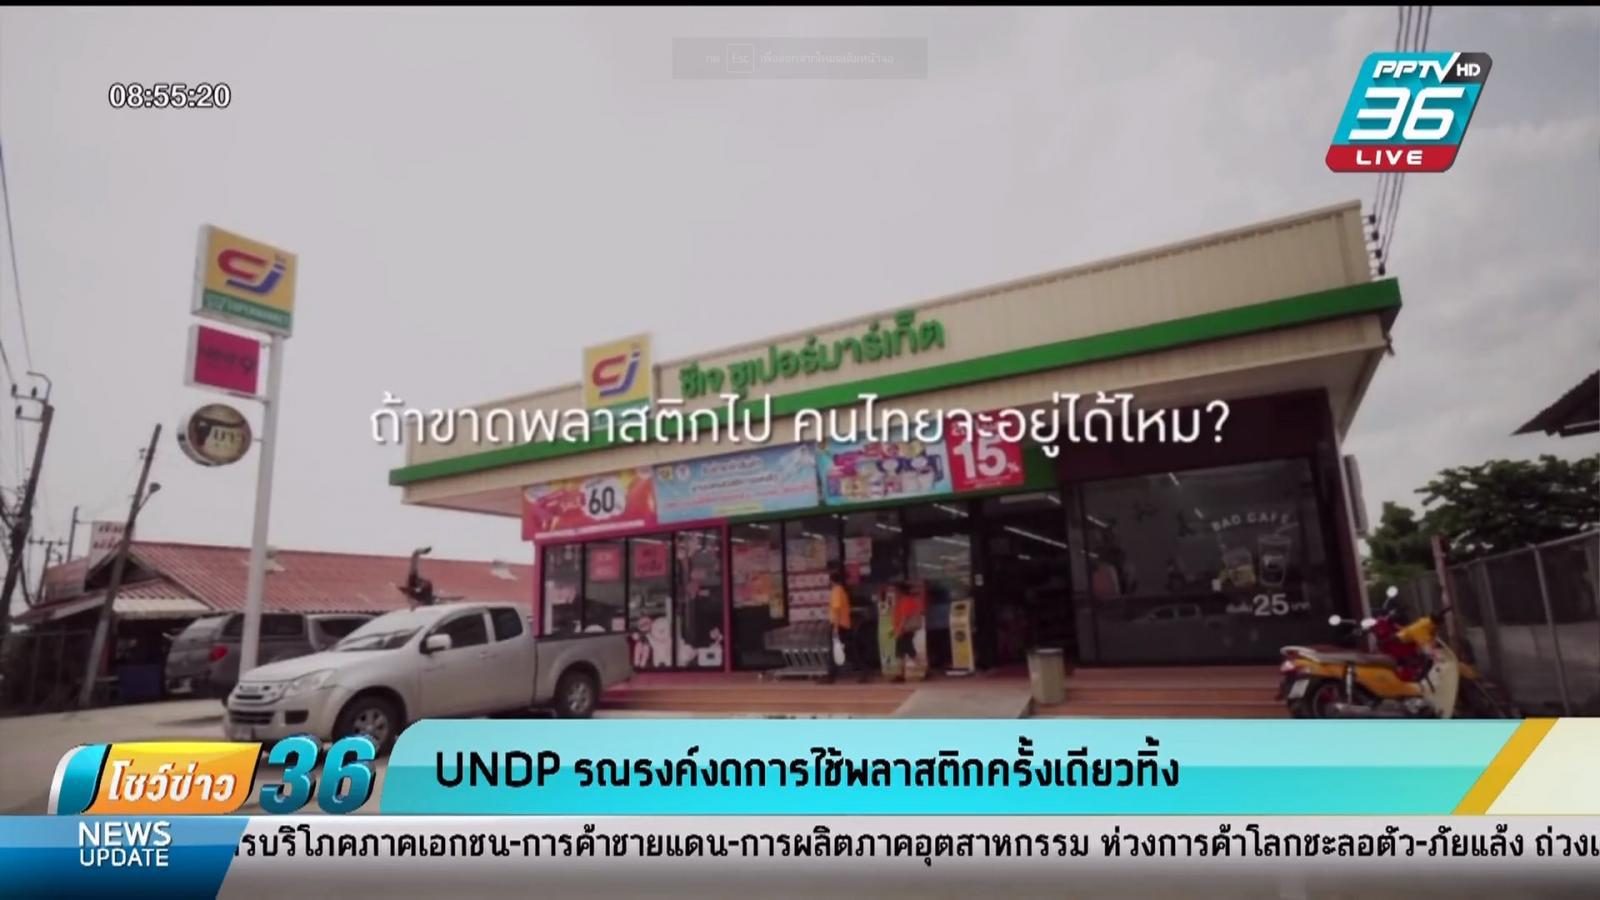 UNDP รณรงค์ งดการใช้พลาสติกที่ใช้ครั้งเดียว